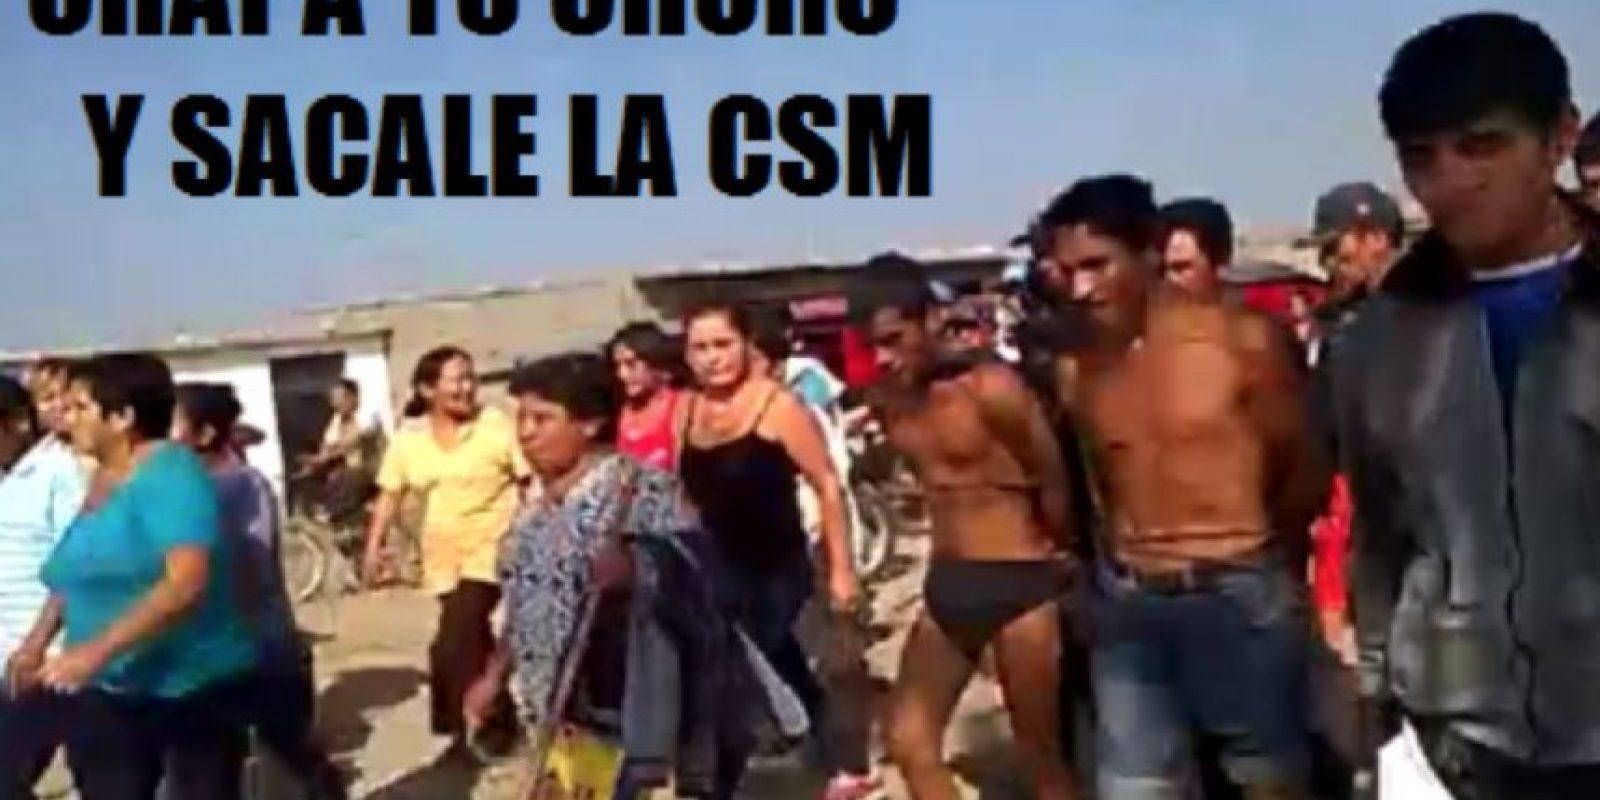 Ante la ineficiencia policial, en Perú están surgiendo campañas en la web que invitan a linchar a los delincuentes. Foto:vía Facebook/Chapa tu Choro